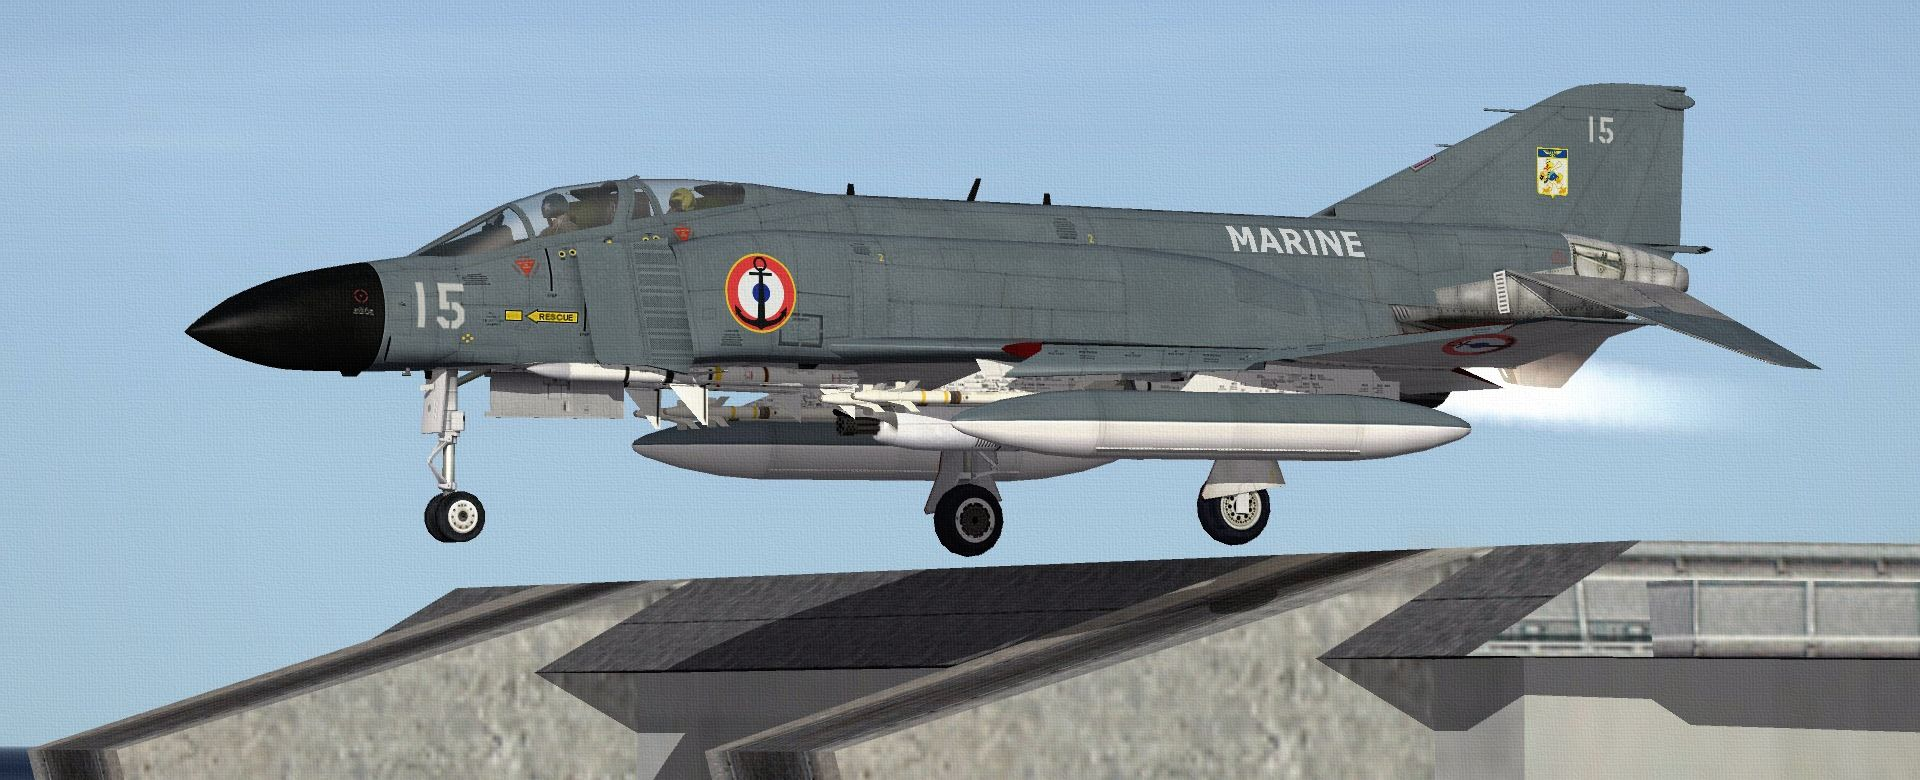 AERONAVALEF-4JPHANTOM03_zps4174b0d8.jpg